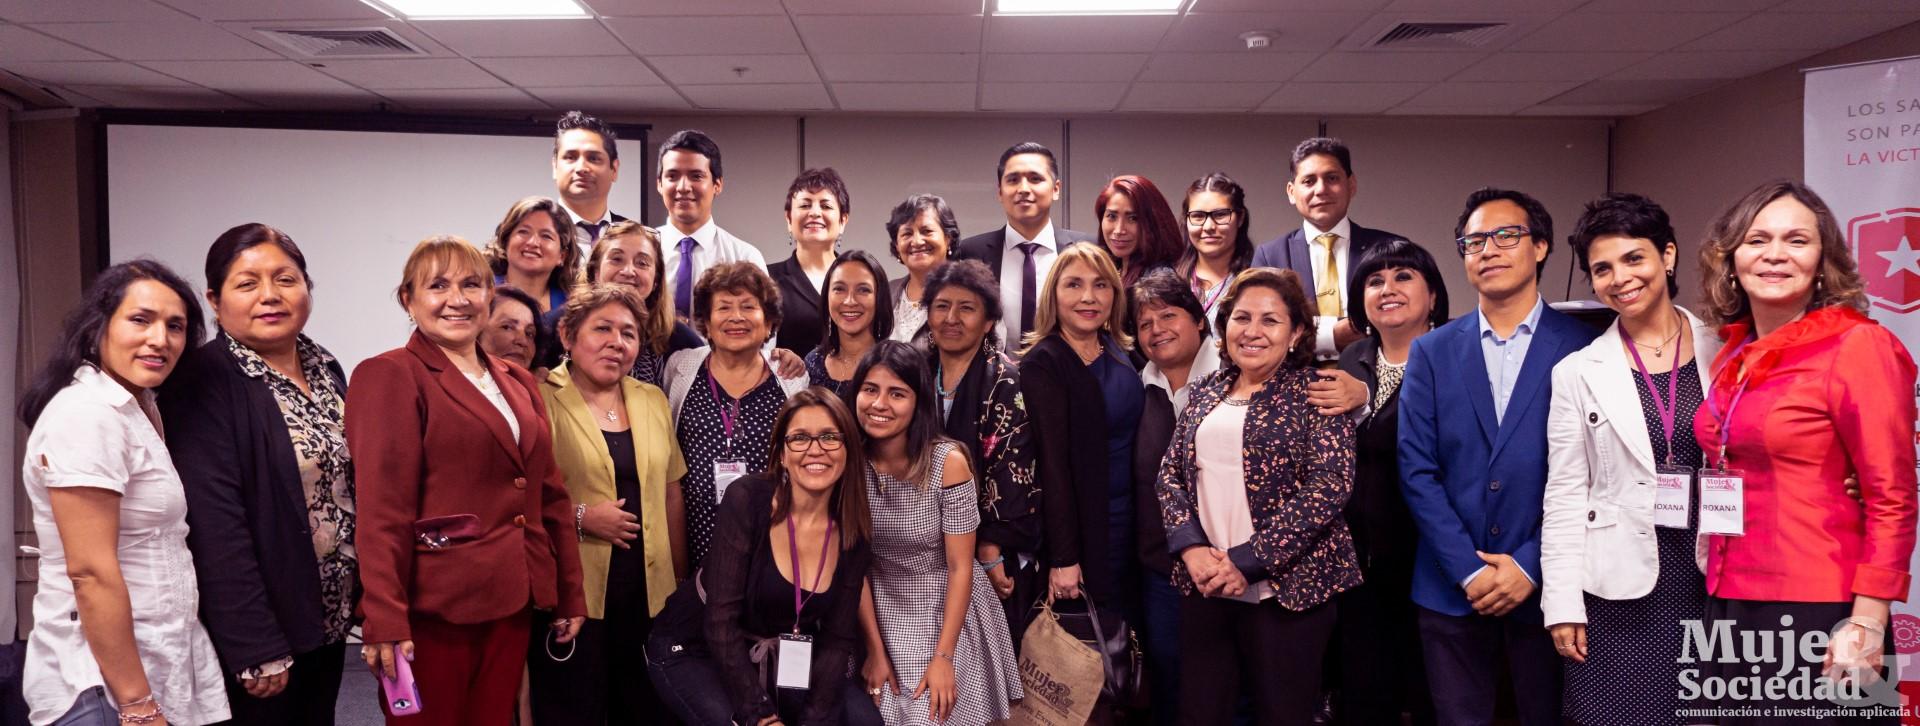 Ponentes, equipo de MYS y amistades que apoyan propuesta de no Violencia impulsado por MYS